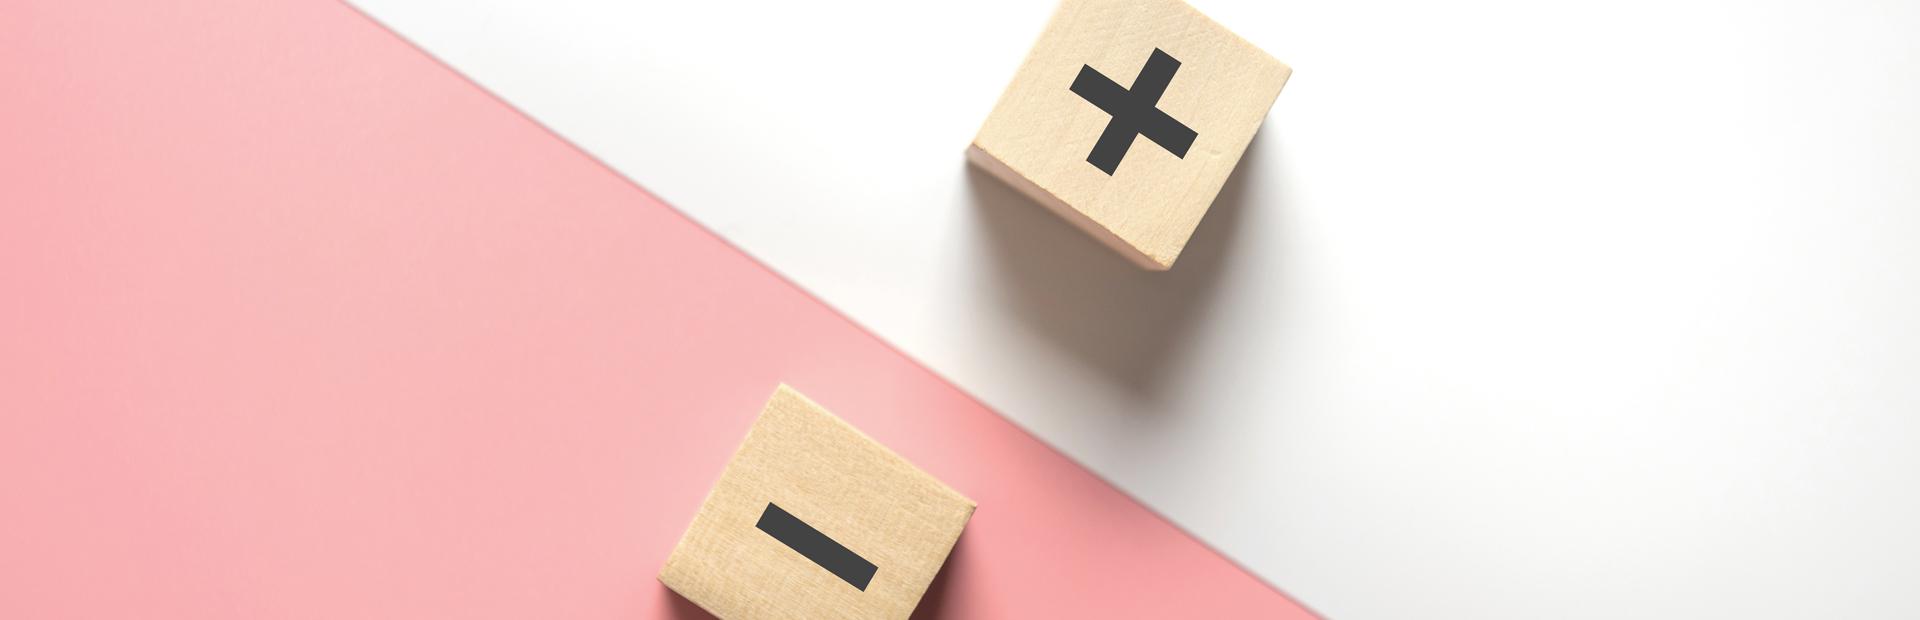 Statystyka wanalityce internetowej – jakie korzyści dają testy porównawcze?